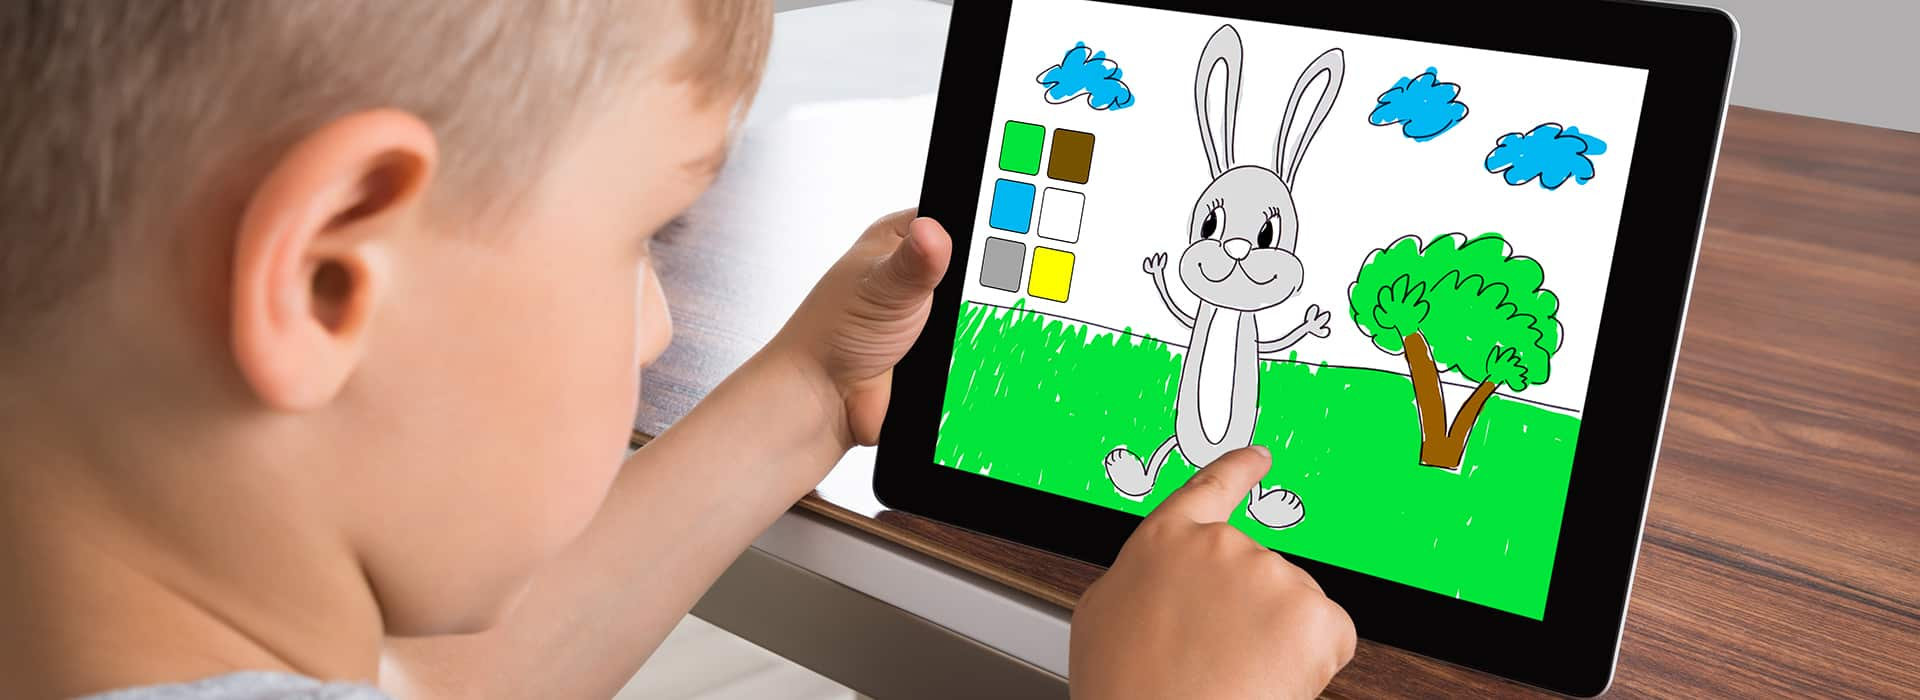 Tablette Enfant : Voici Les Meilleurs Modèles À Offrir En 2020 concernant Tablette Enfant Fille